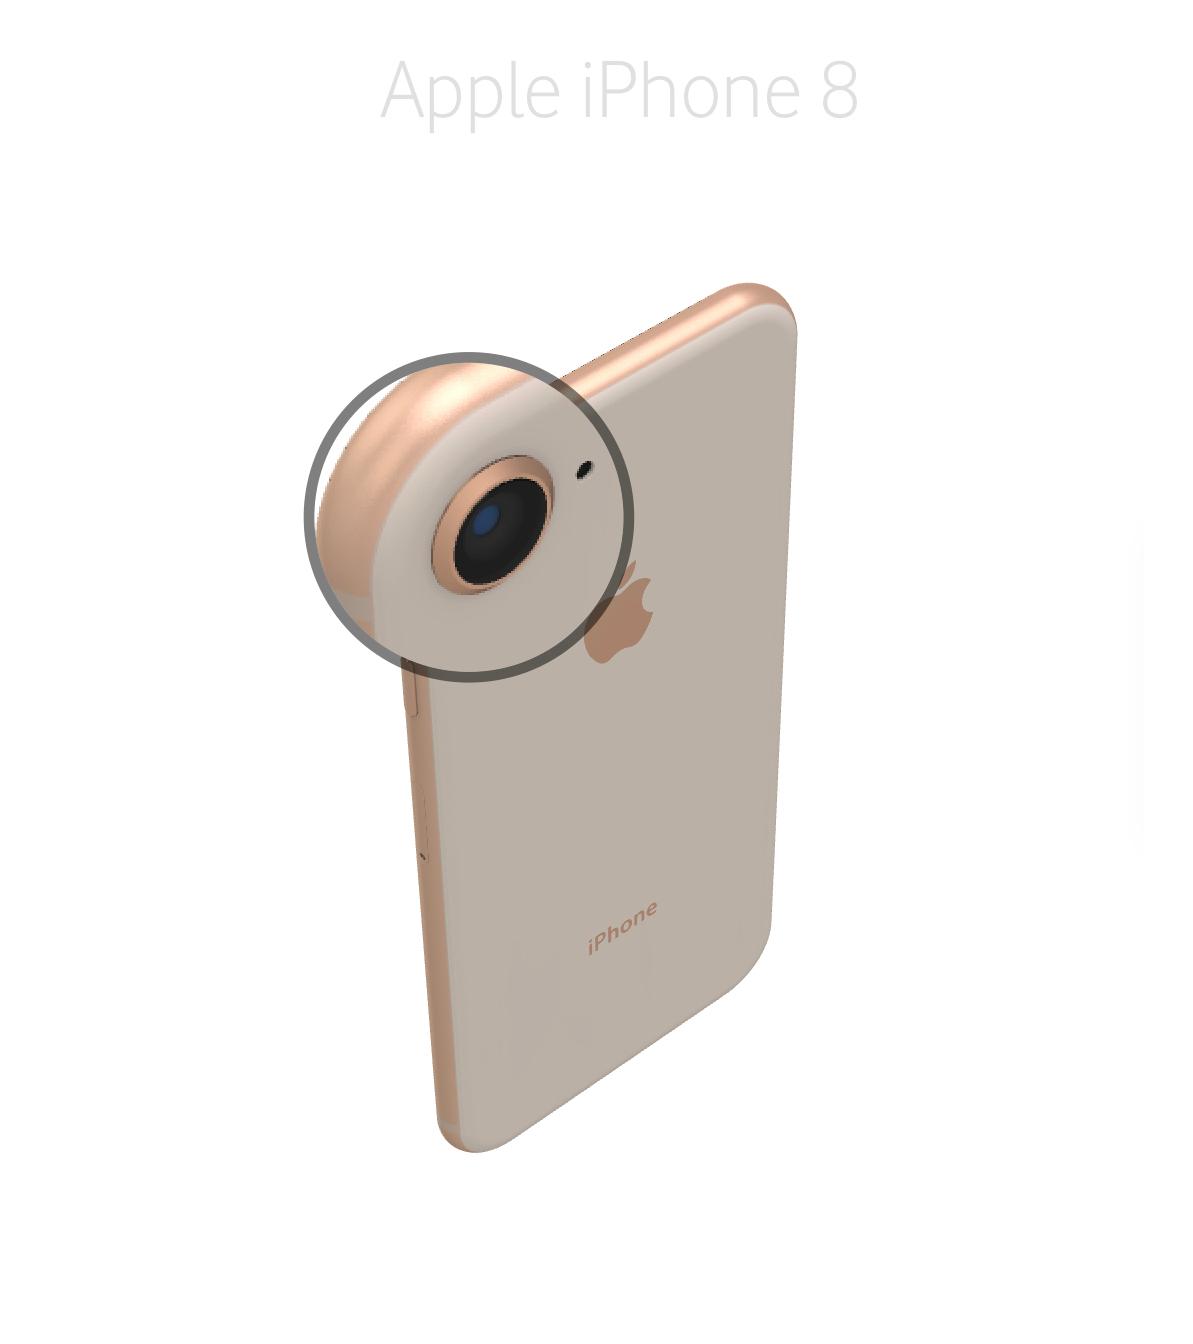 Laga kameralins iPhone 8